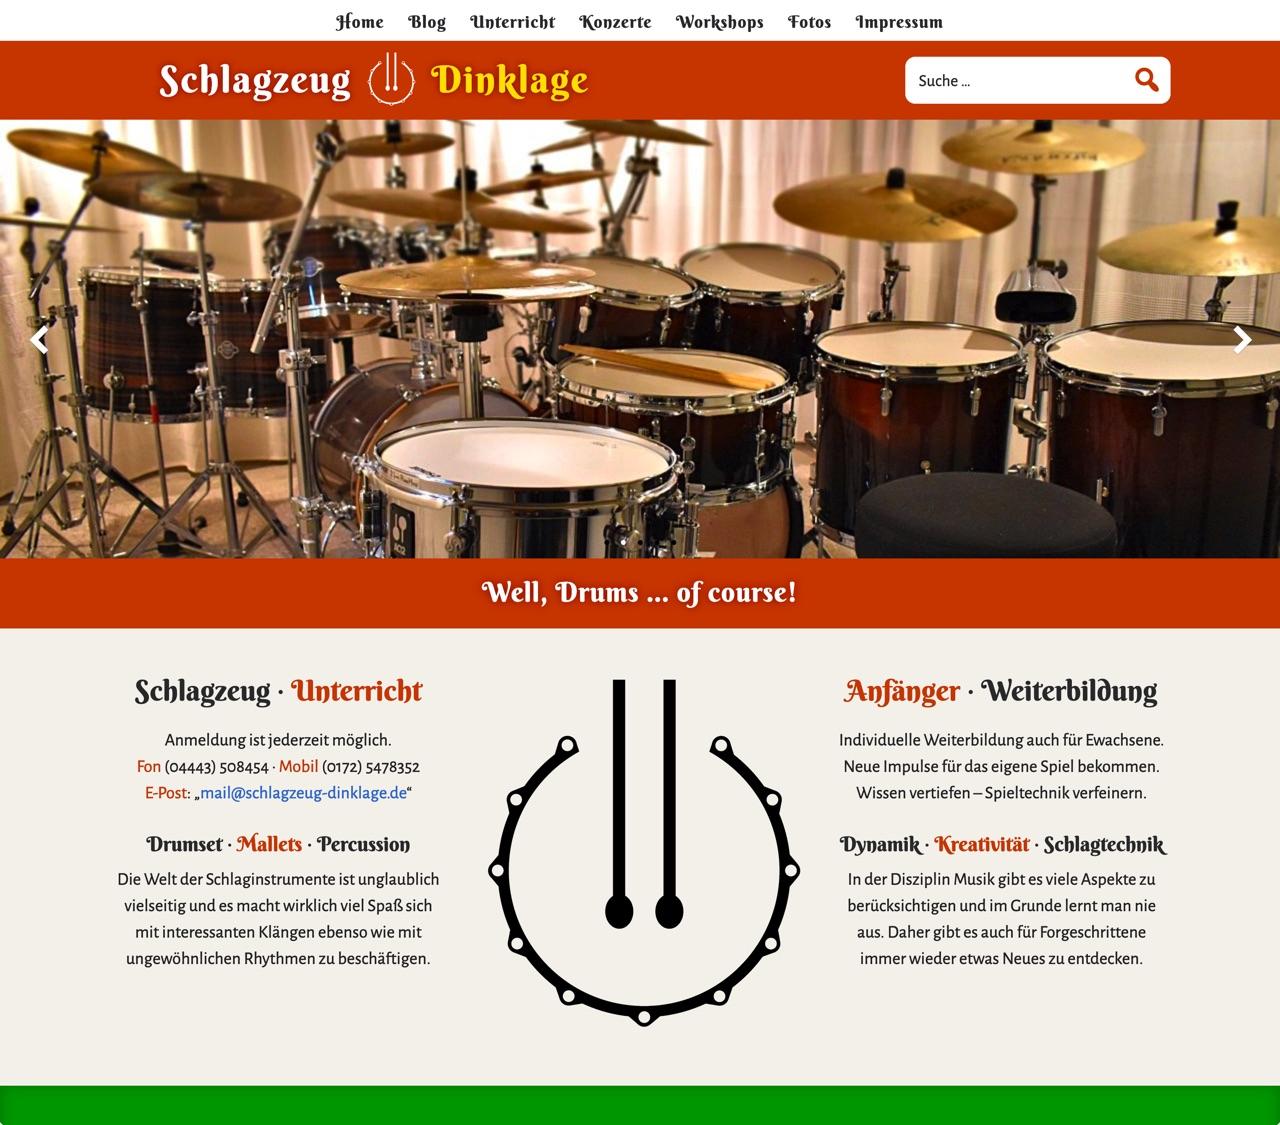 Schlagzeug Dinklage